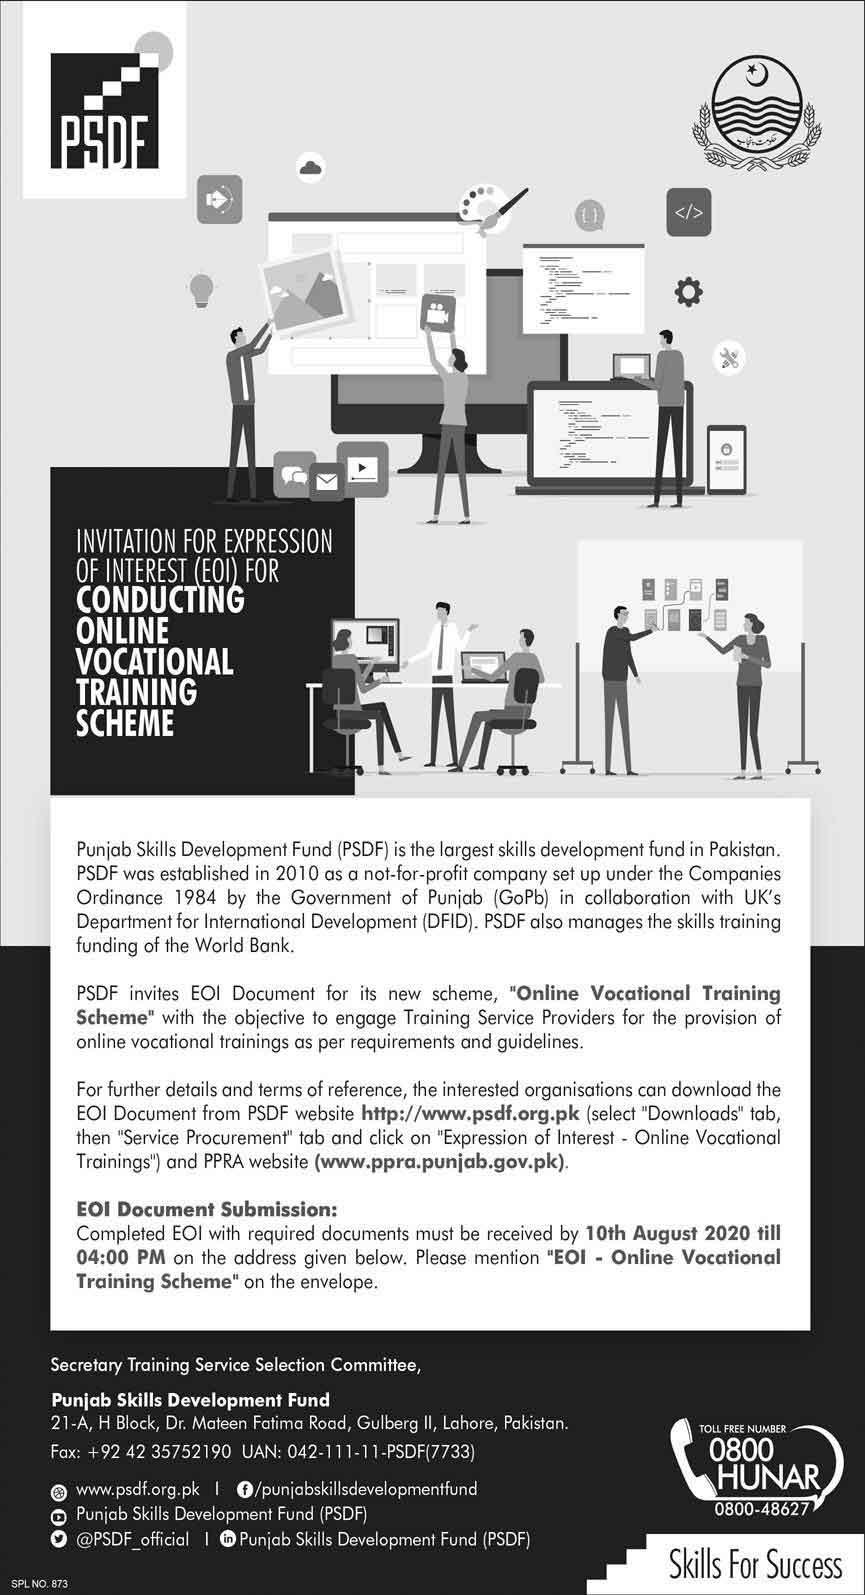 PSDF-Training-Scheme-2020